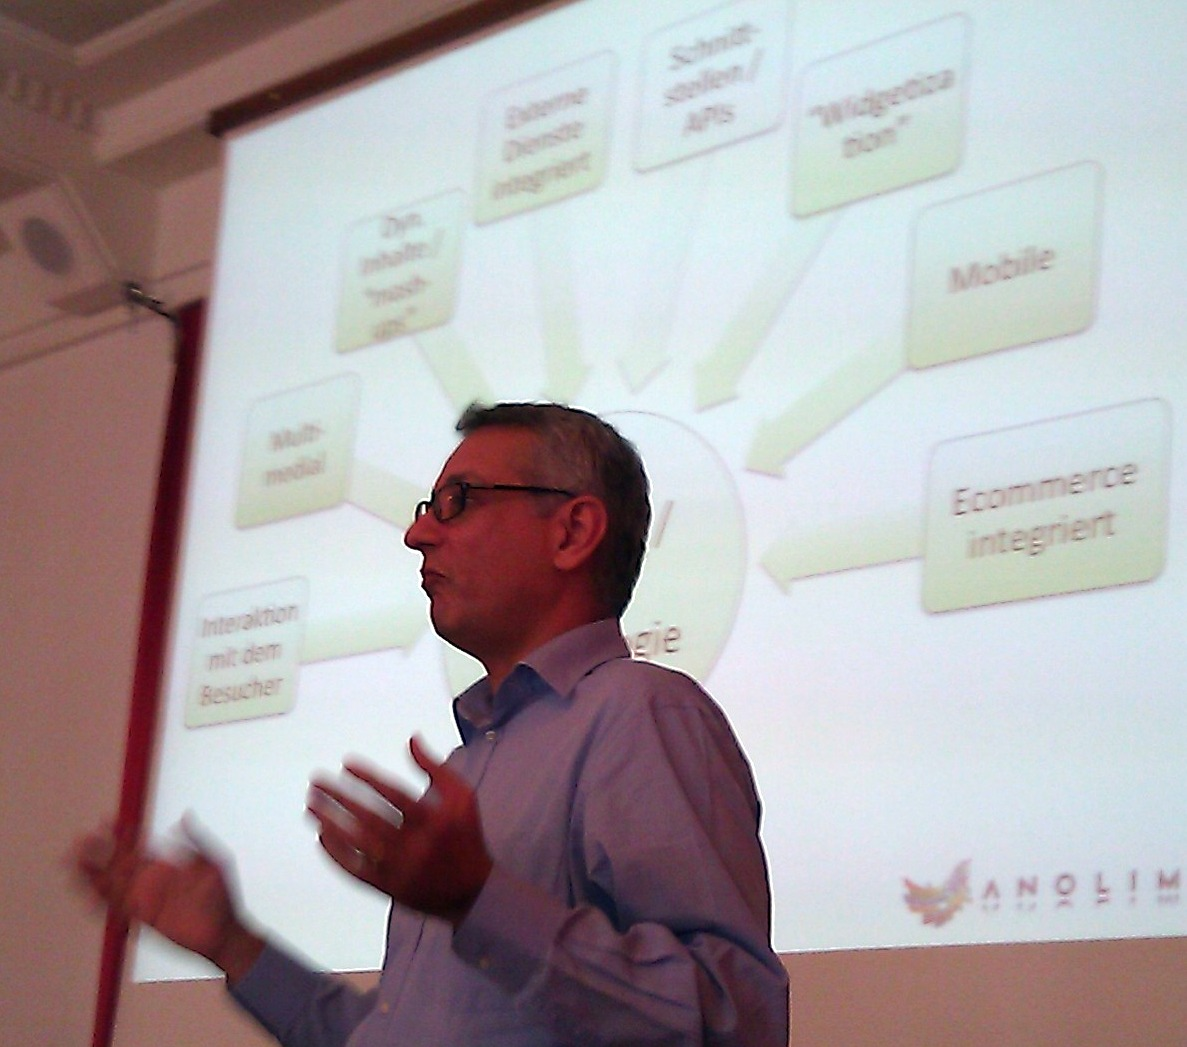 Diagramm der Komponenten von Next Generation Websites, Prodosh Banerjee von Anolim am Internet Briefing